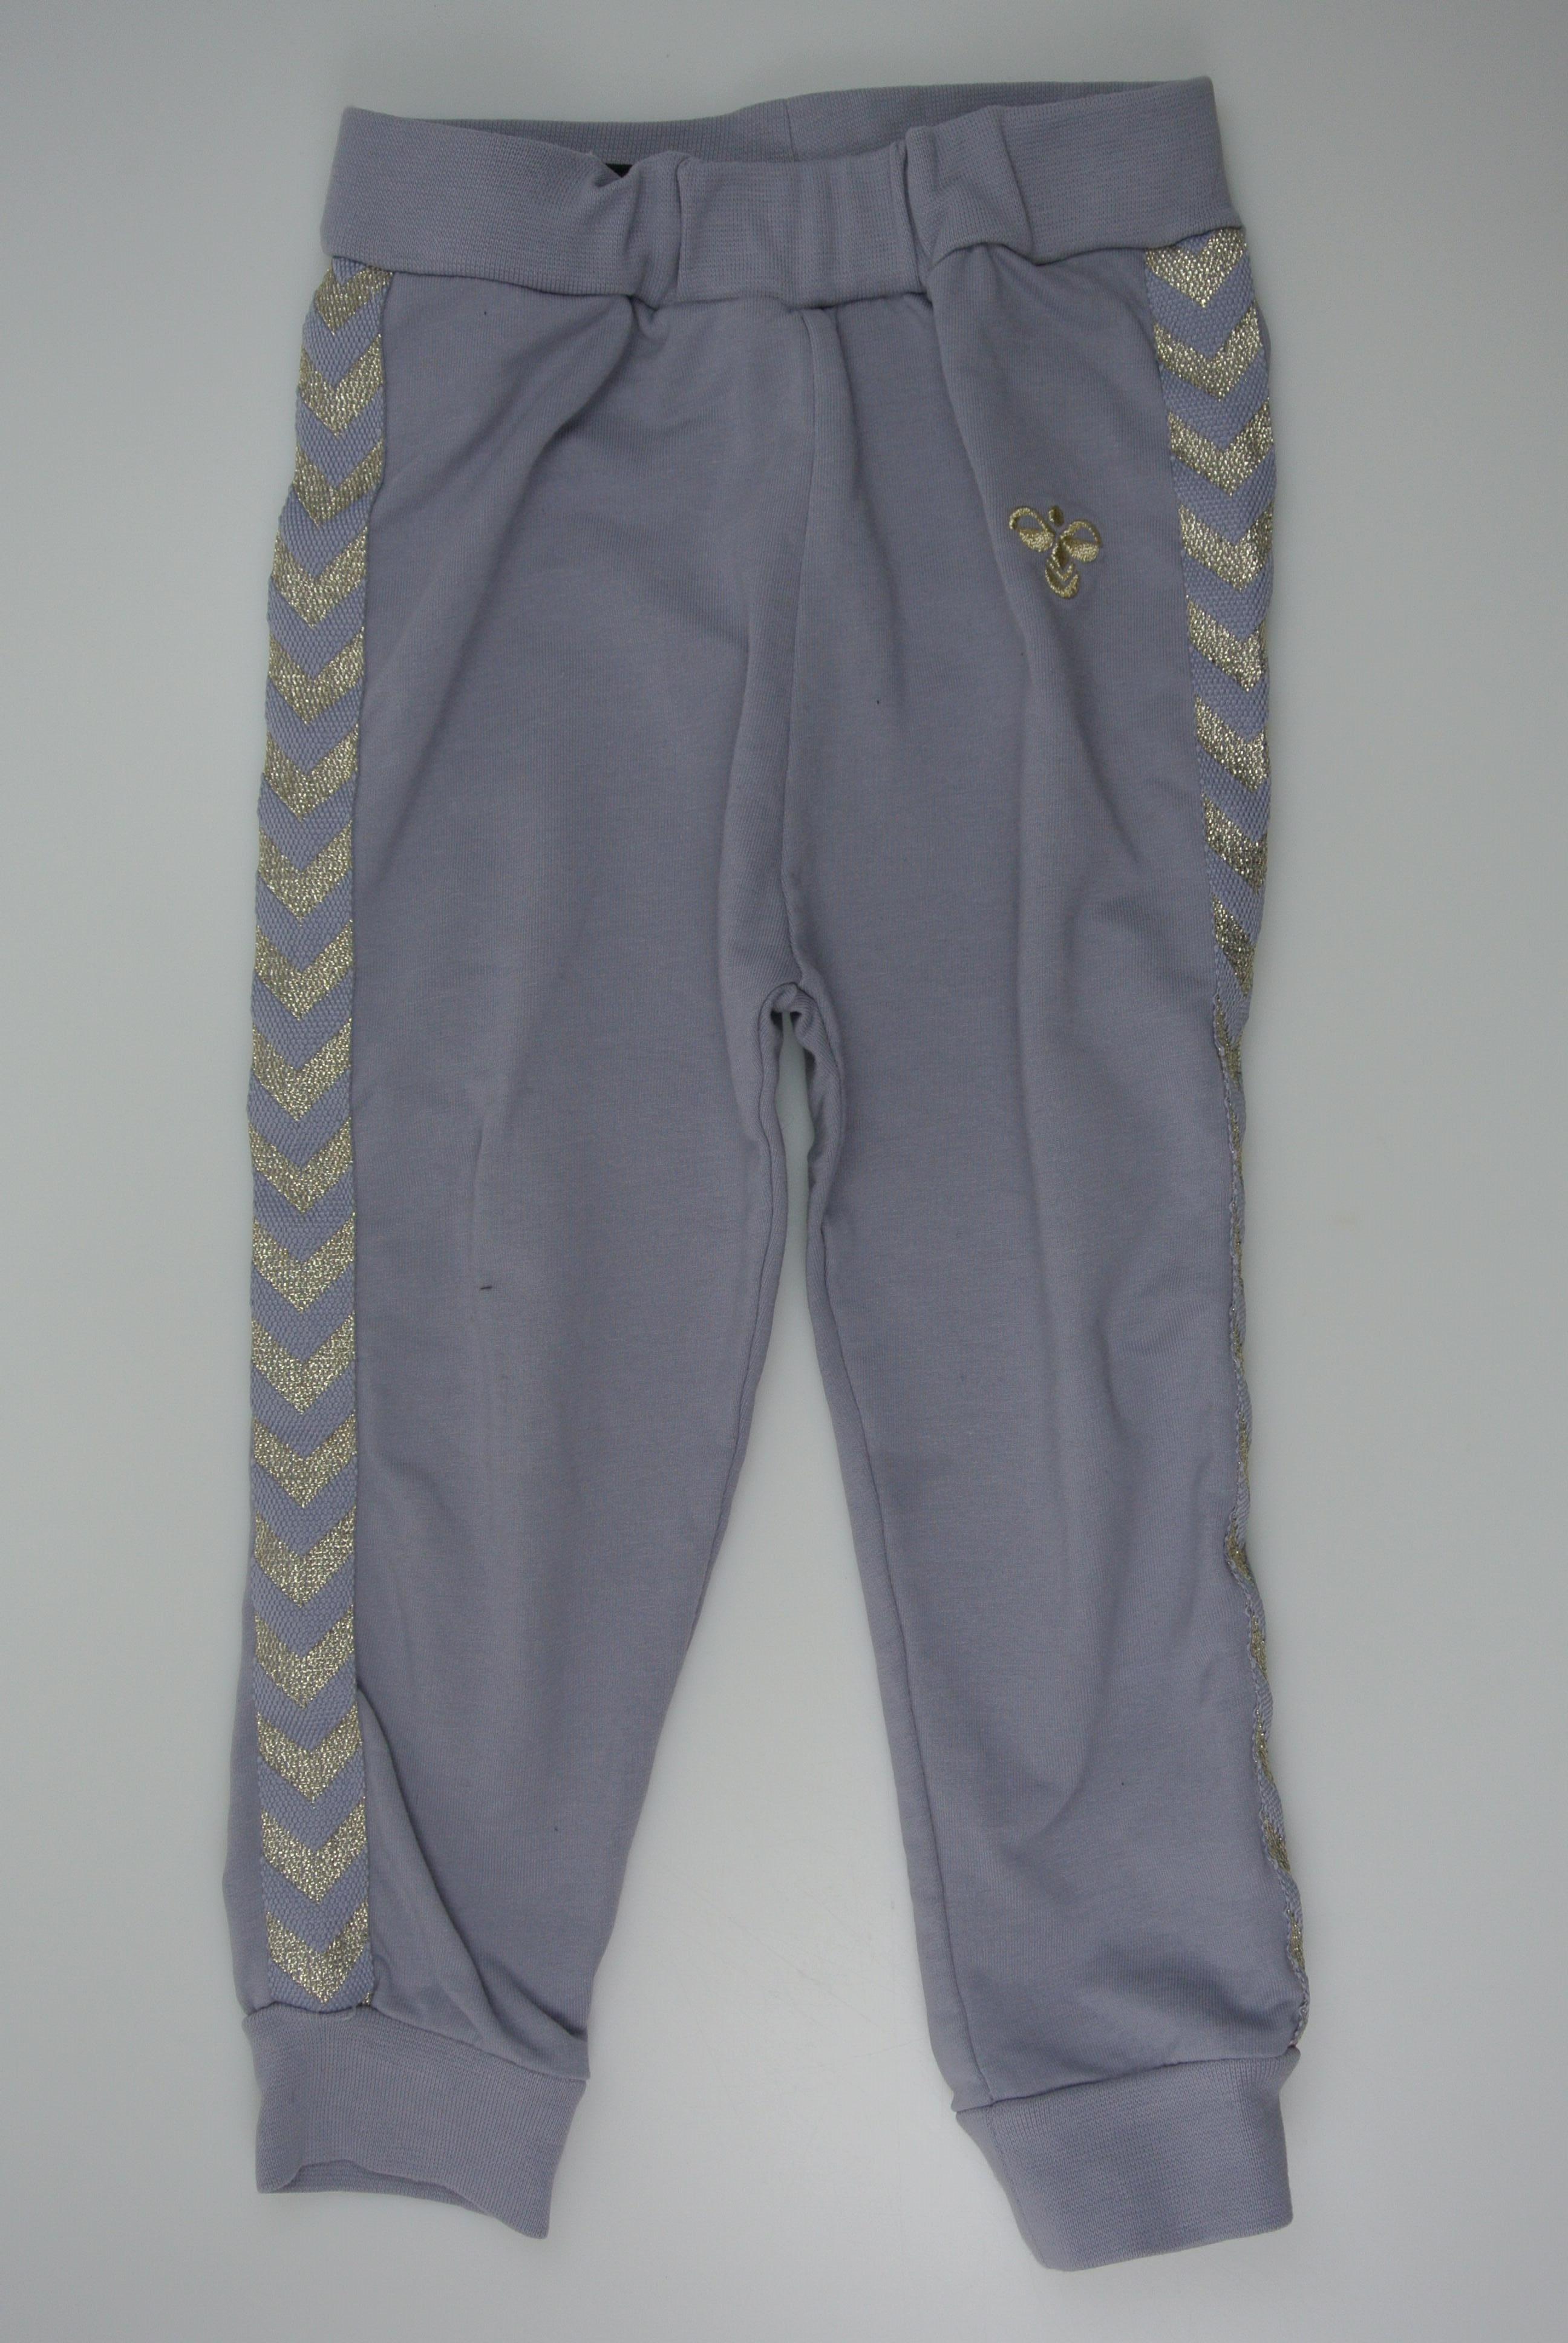 Hummel bukser str 86 pige